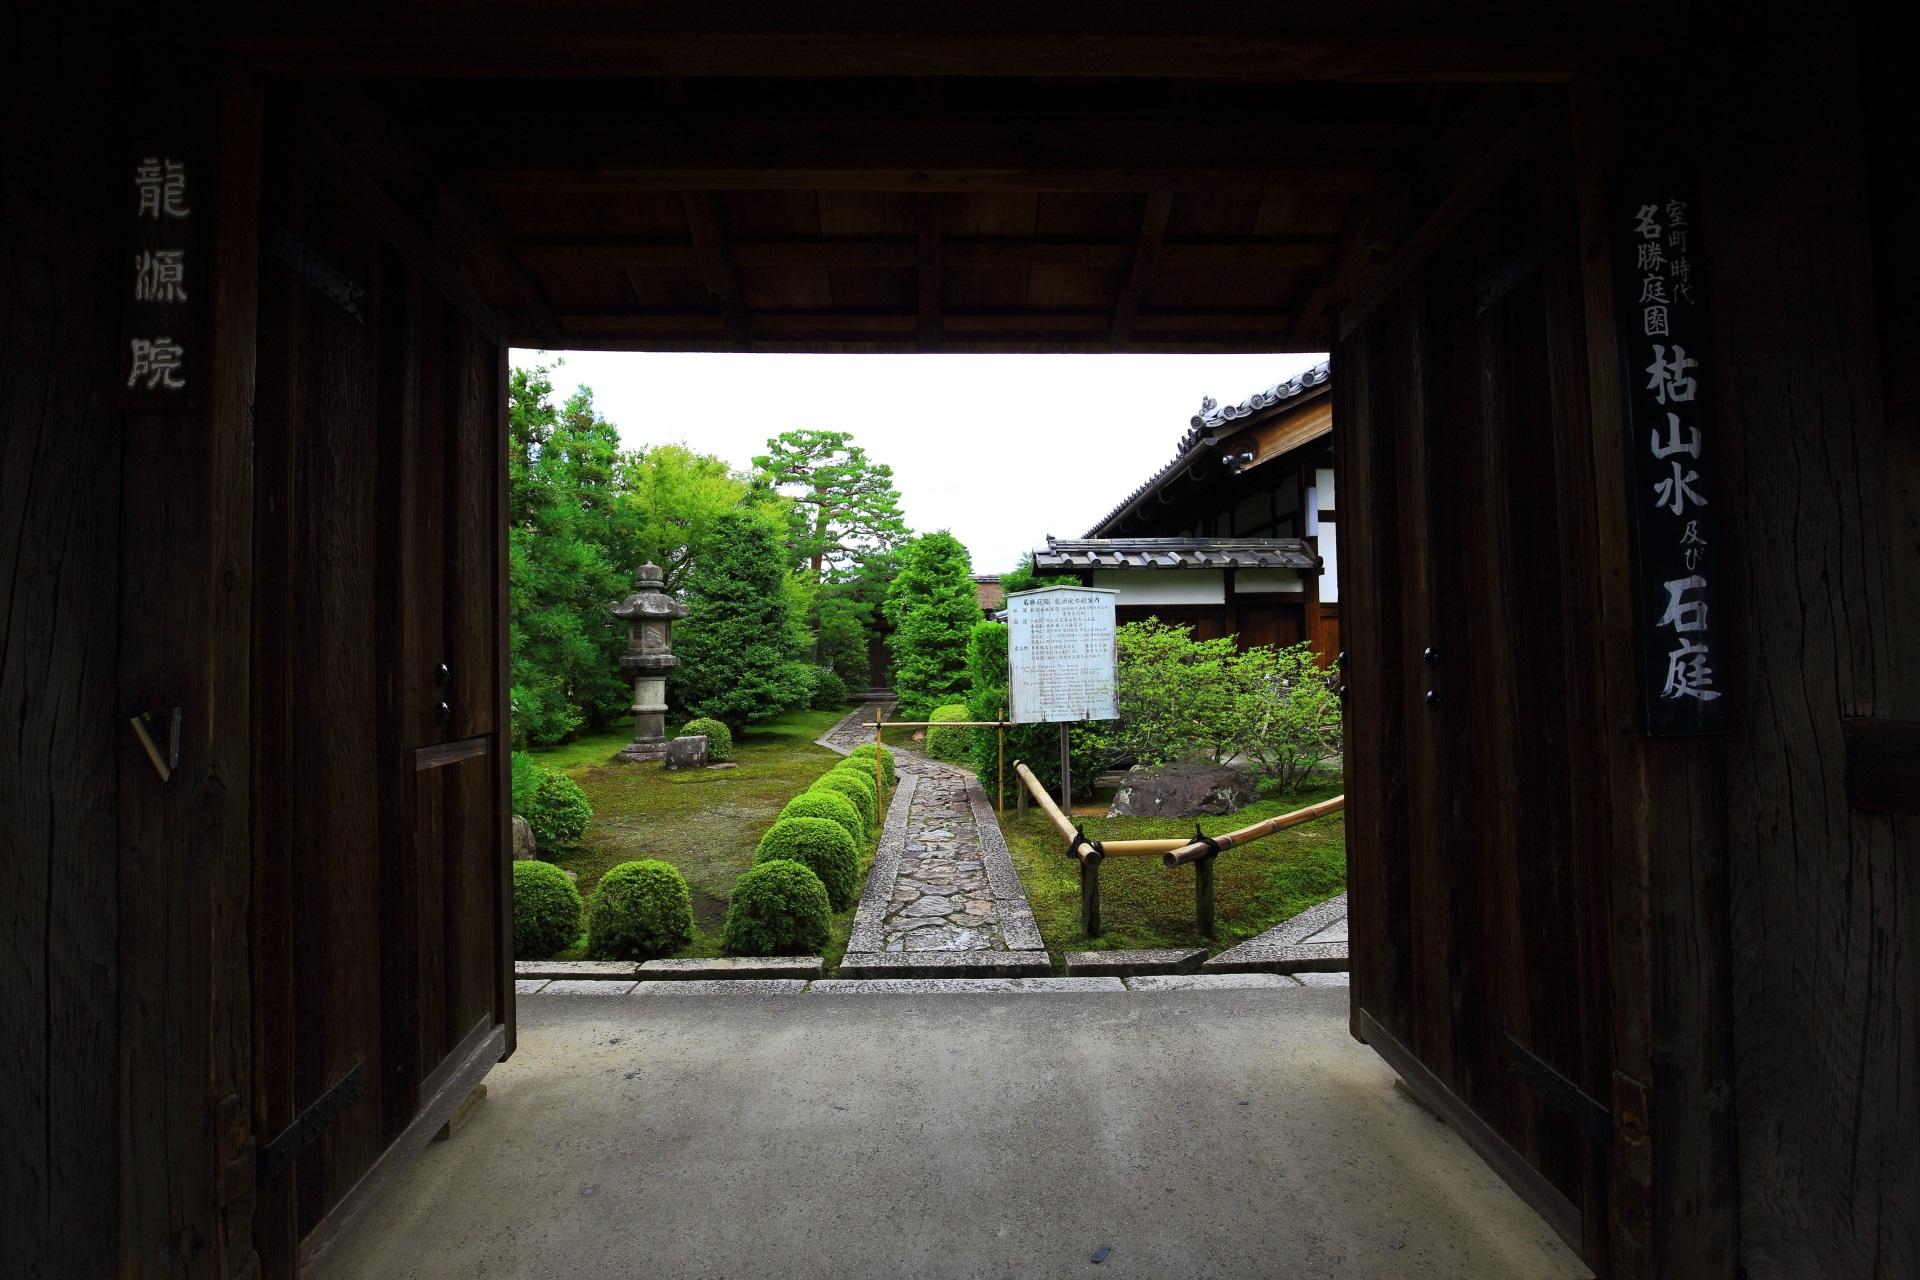 緑につつまれた石の参道が続く龍源院の表門